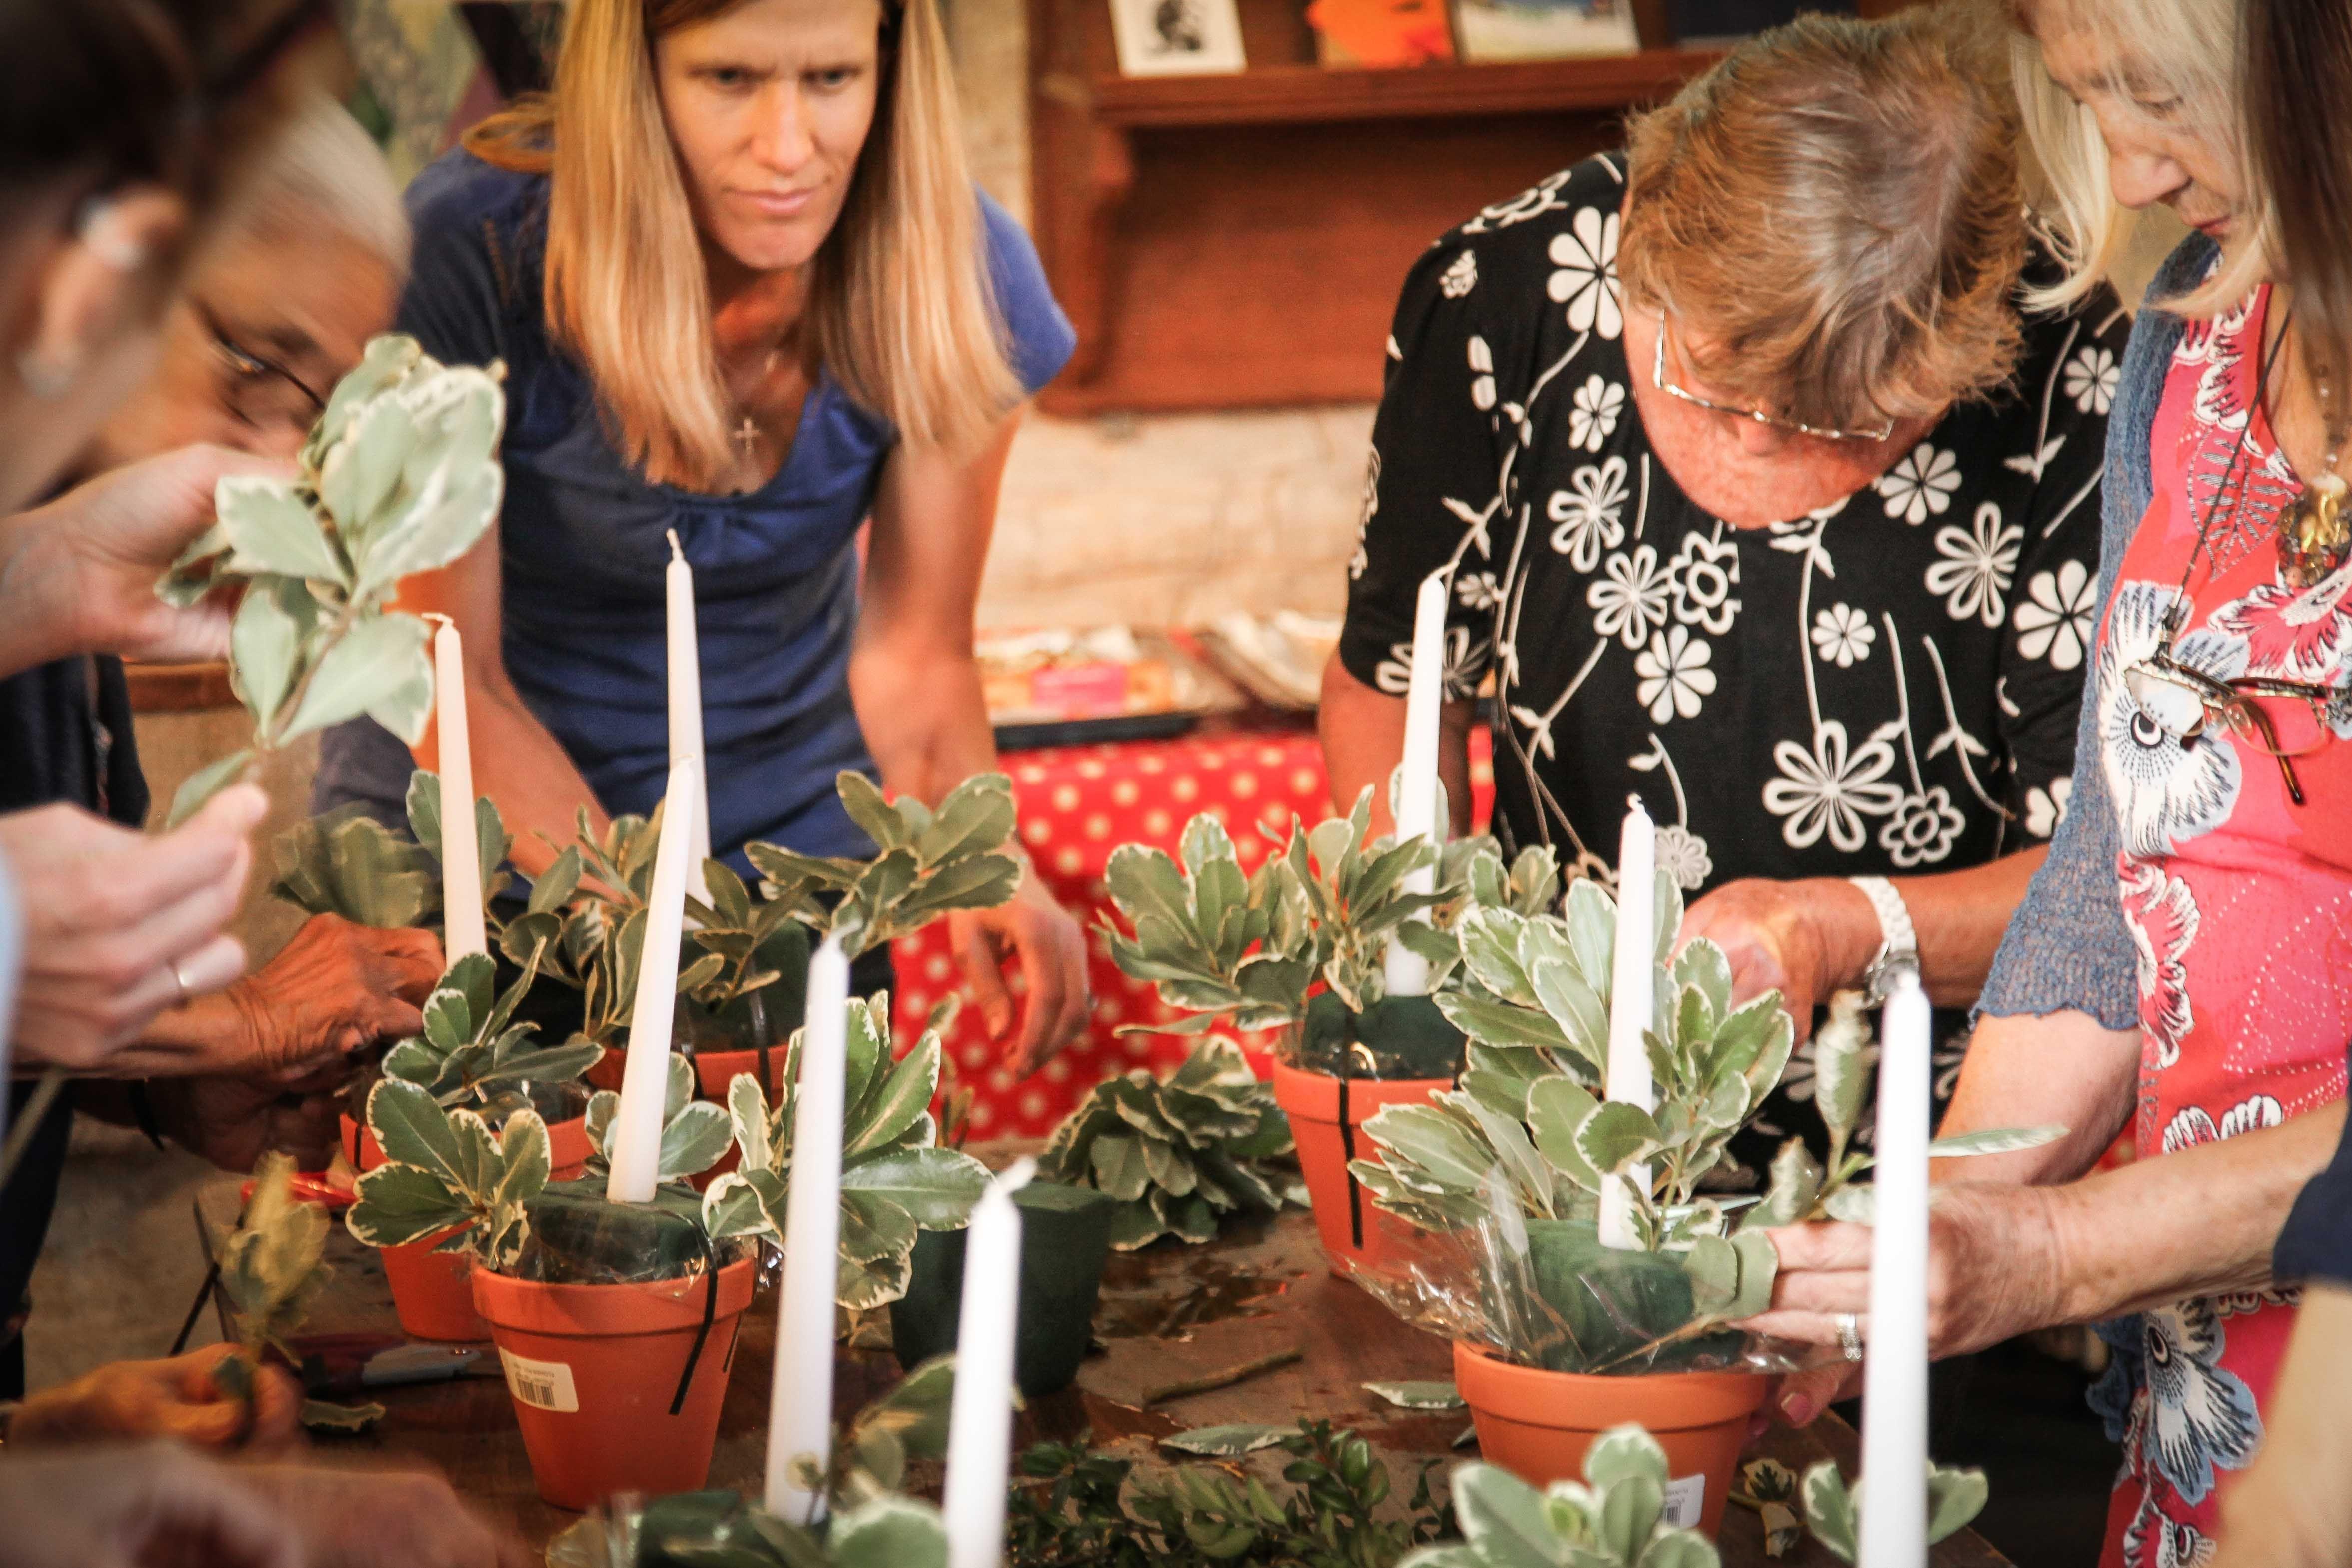 Flower Arranging workshop for Floral Friday